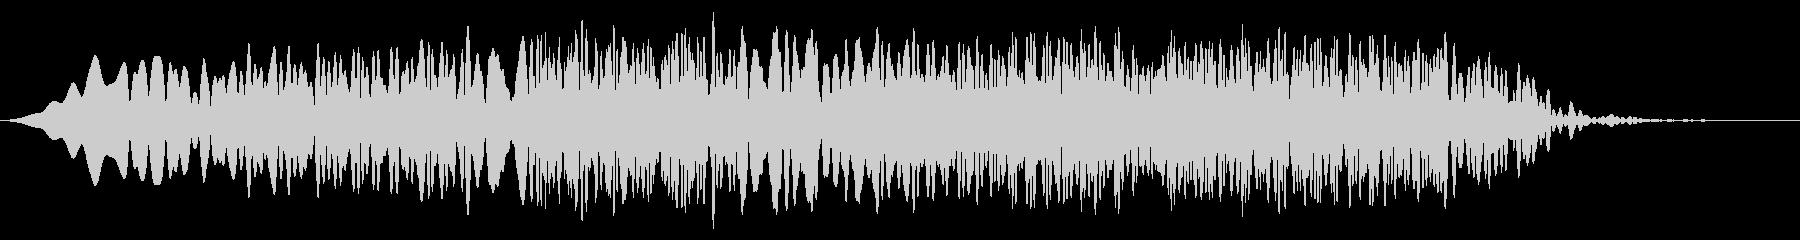 テルミン:揺らめくお化け屋敷音楽の...の未再生の波形